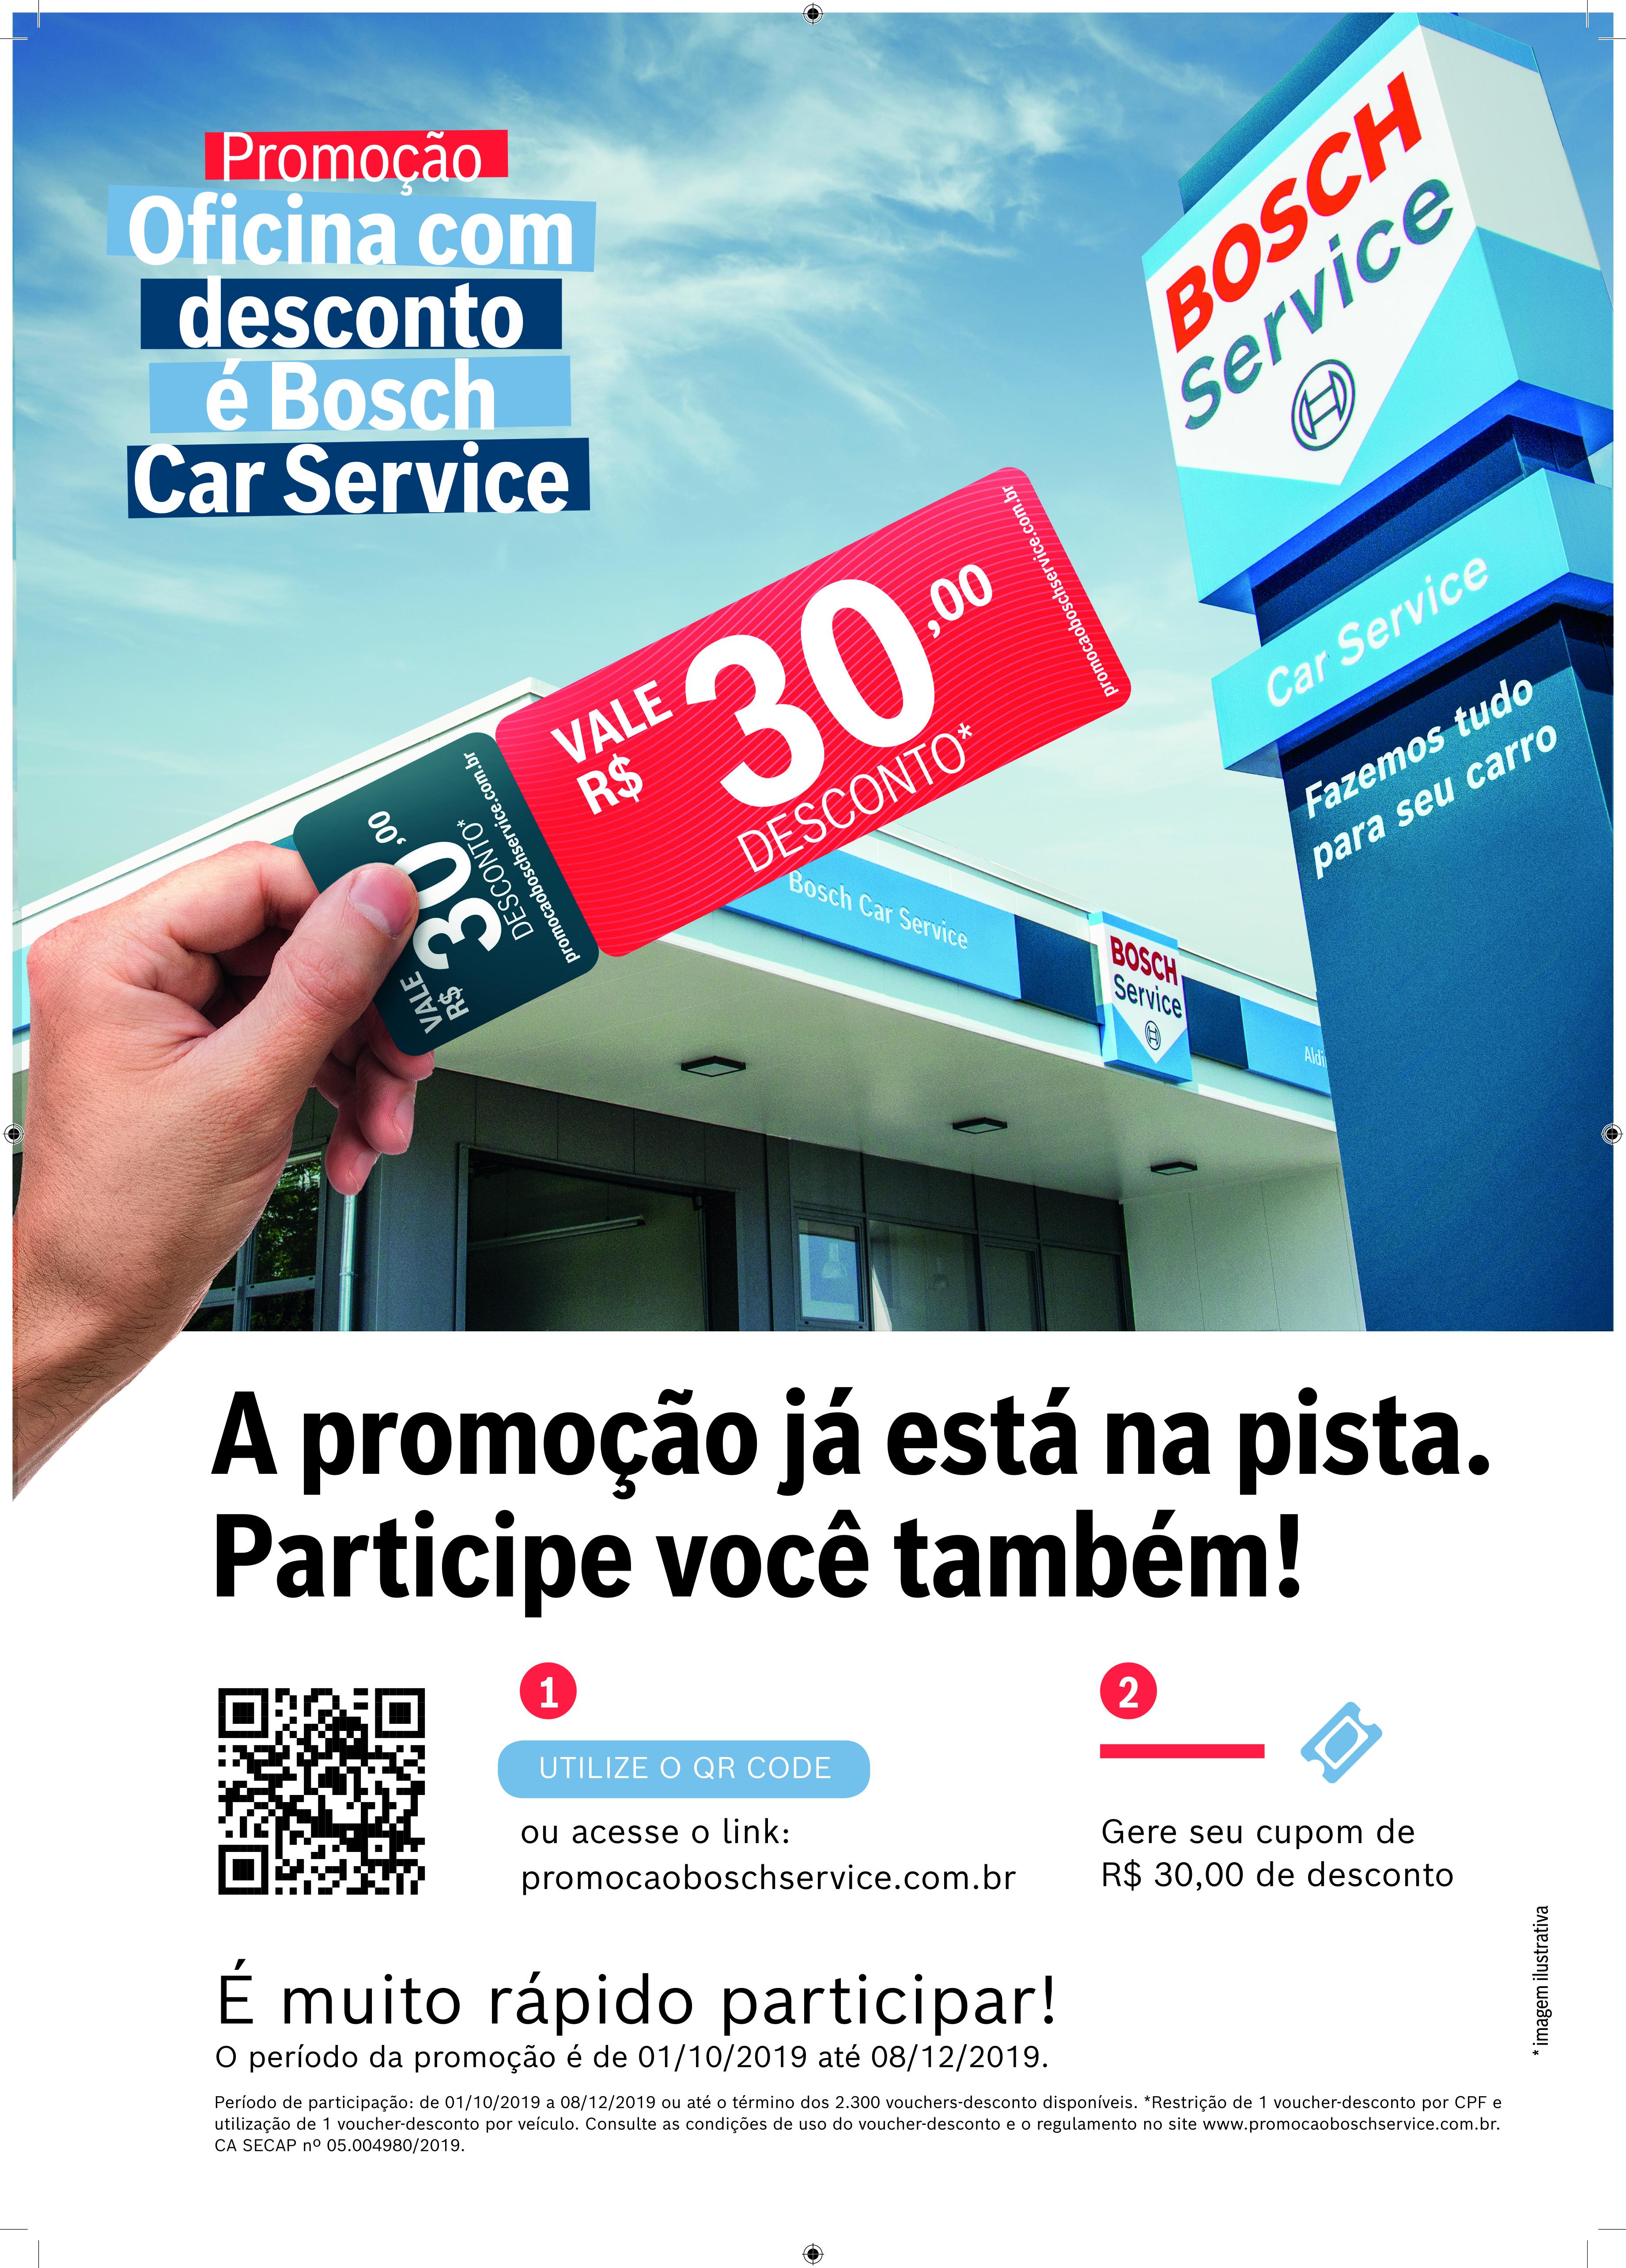 """Promoção """"Oficina com desconto é Bosch Car Service"""" proporciona cupons de desconto no valor de R$ 30 em peças e serviços e ocorre até o dia 8 de dezembro"""